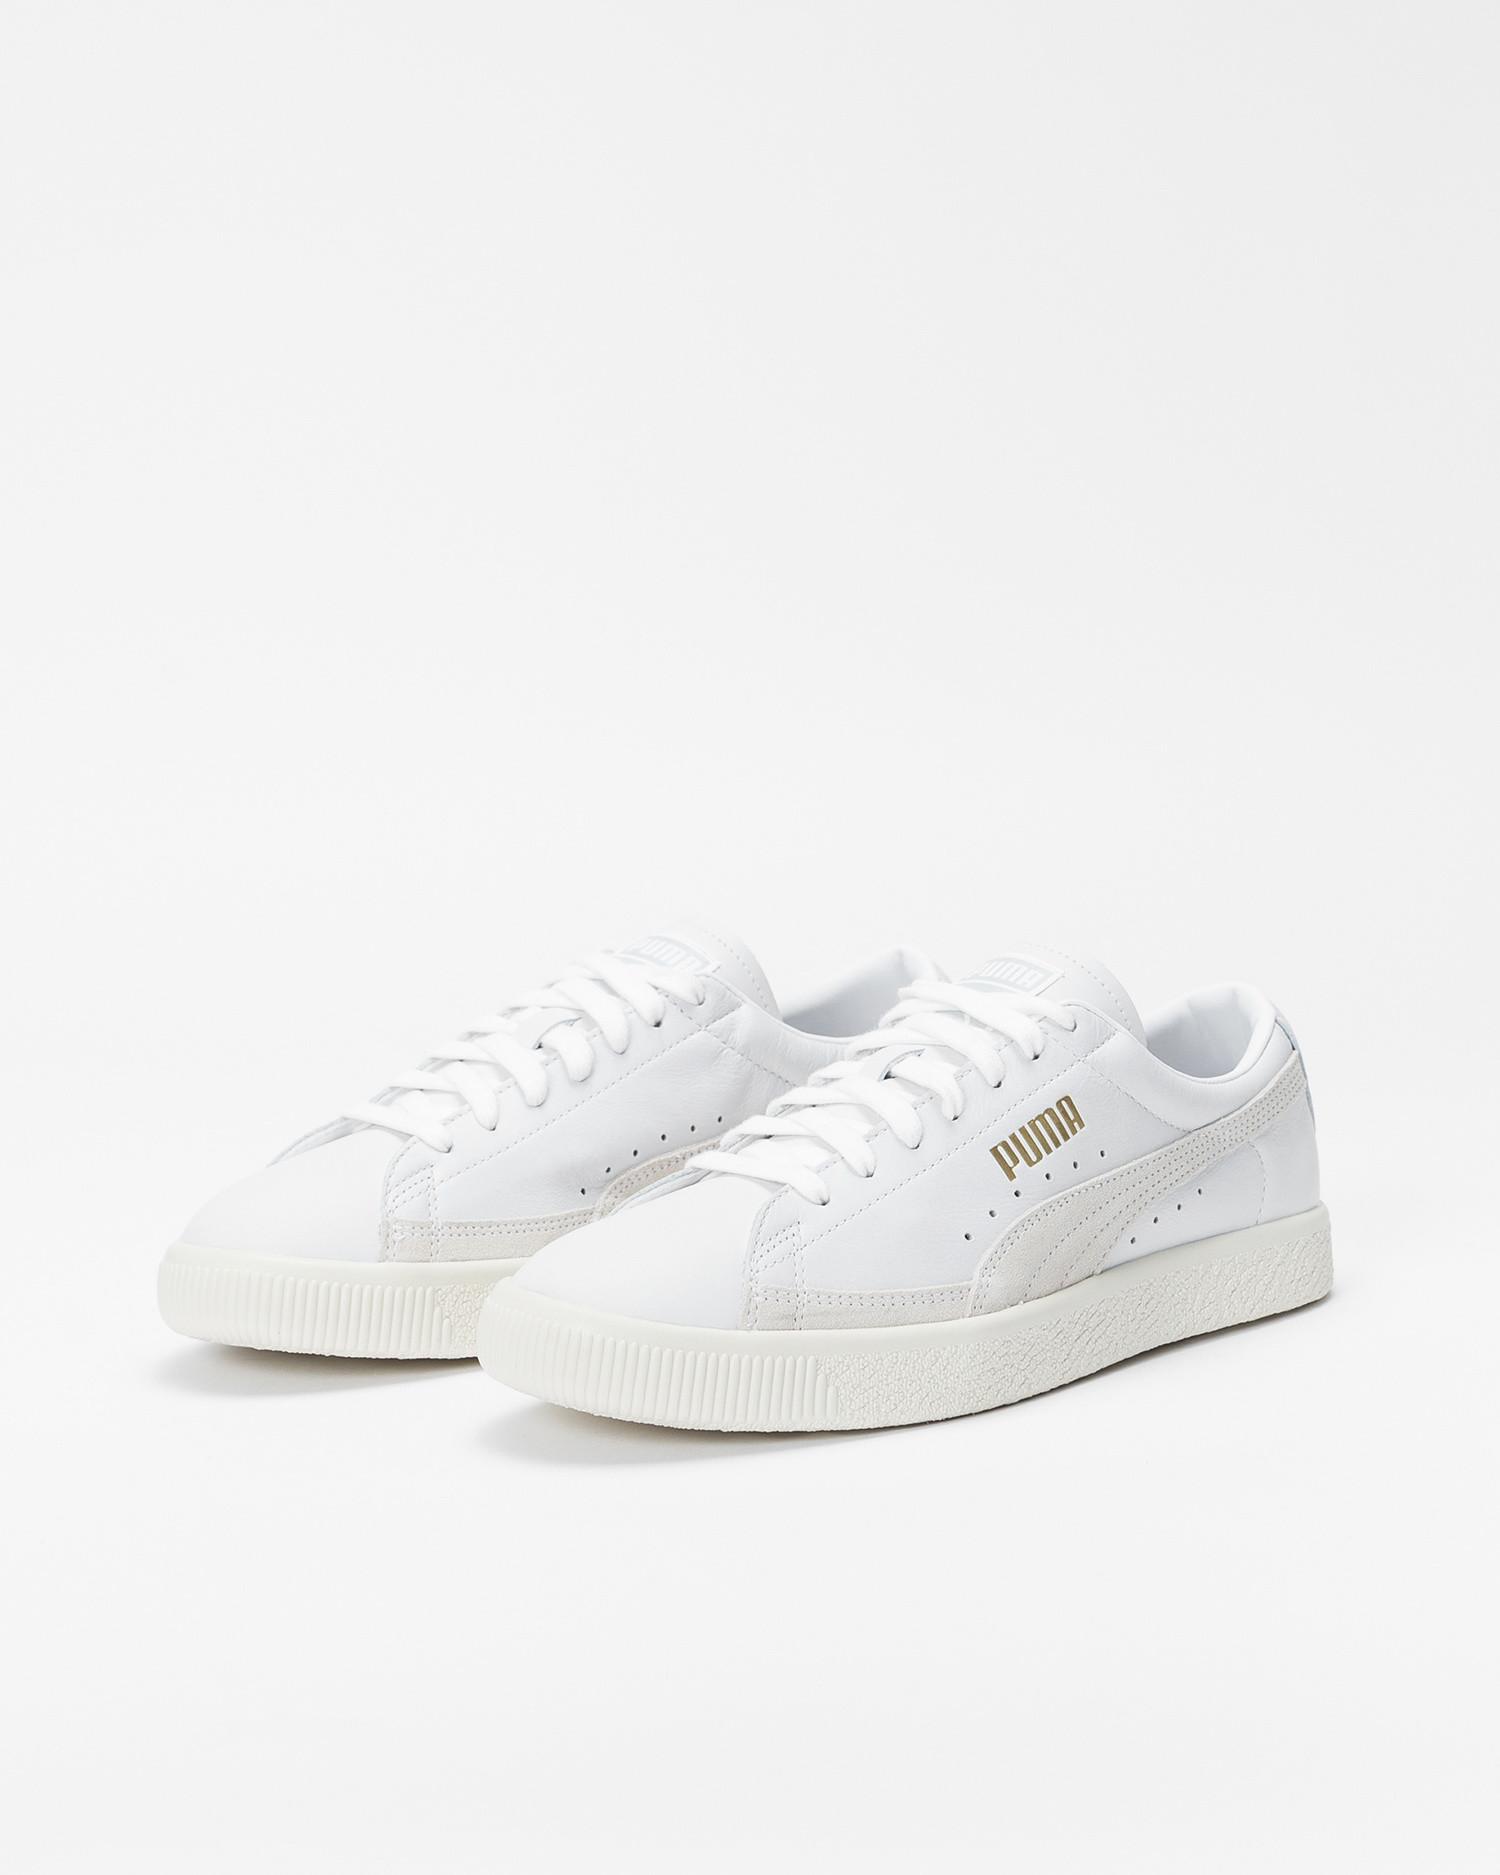 Puma Basket 90680 Lux White/whisper white